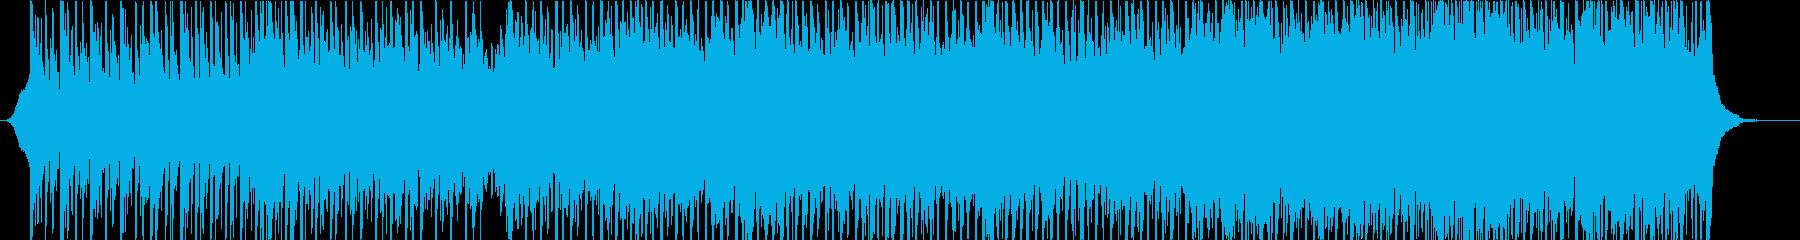 穏やかポジティブな4つ打ちポップスの再生済みの波形